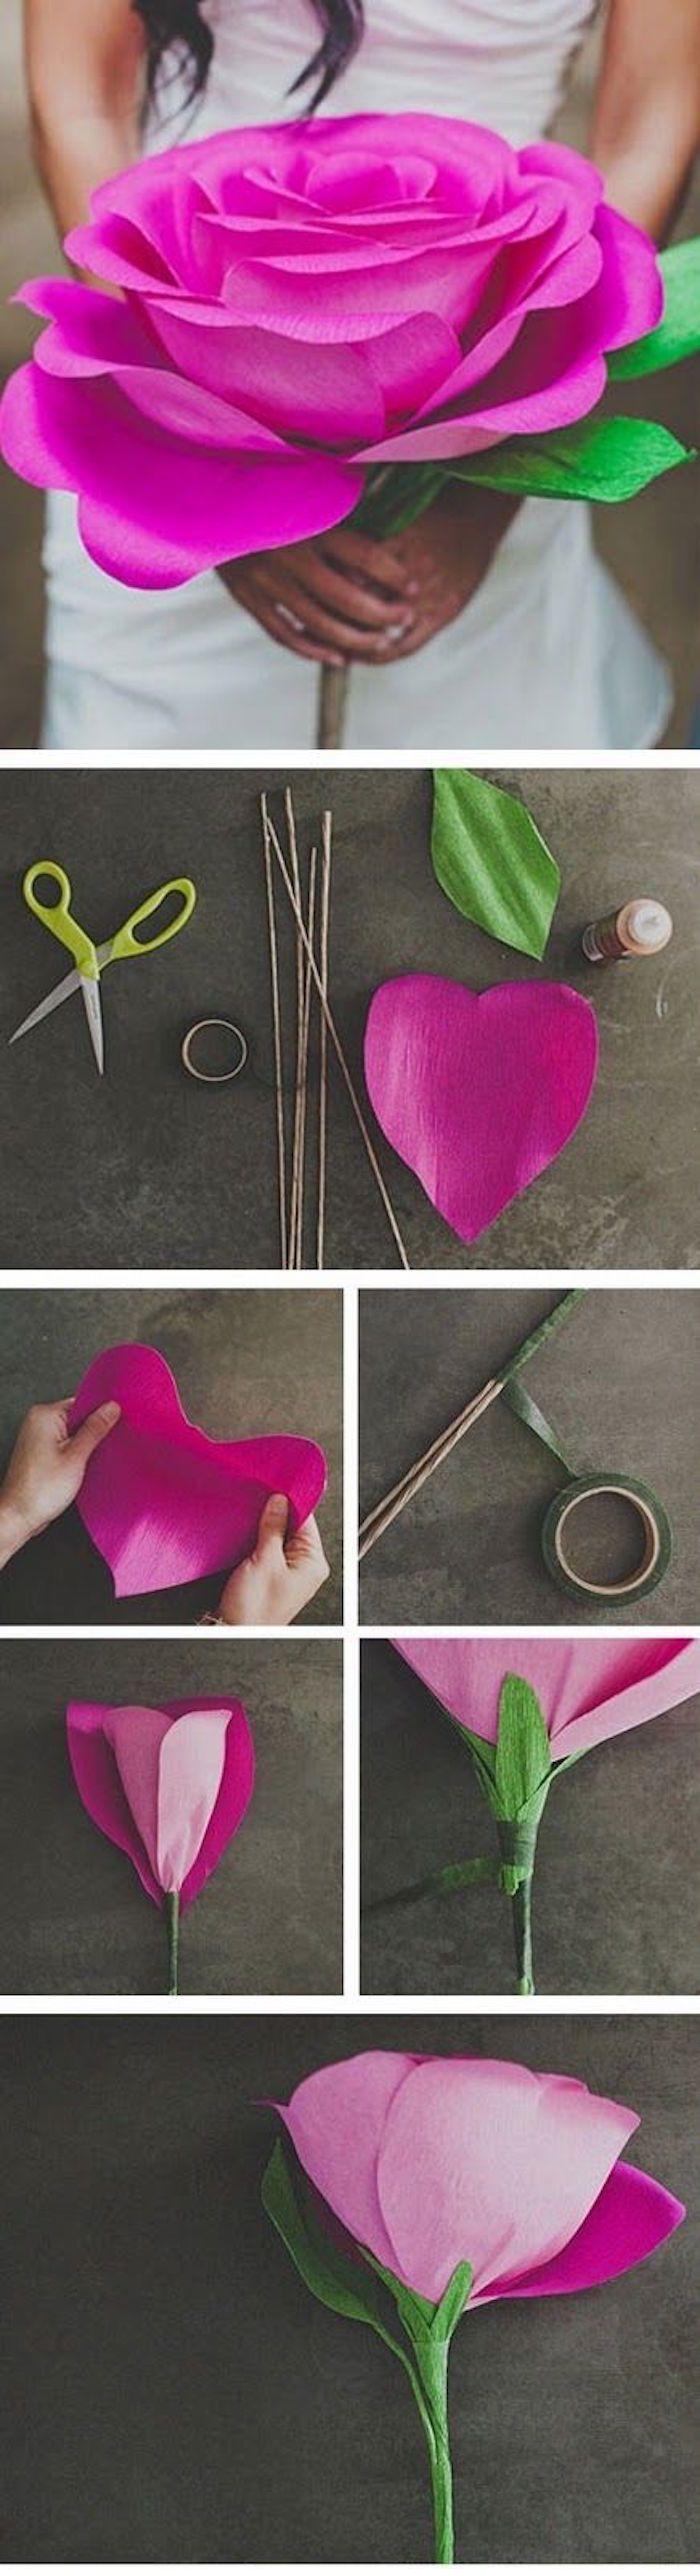 DIY Deko Idee, Blumen aus Krepppapier basteln, nie verwelken, kreativ